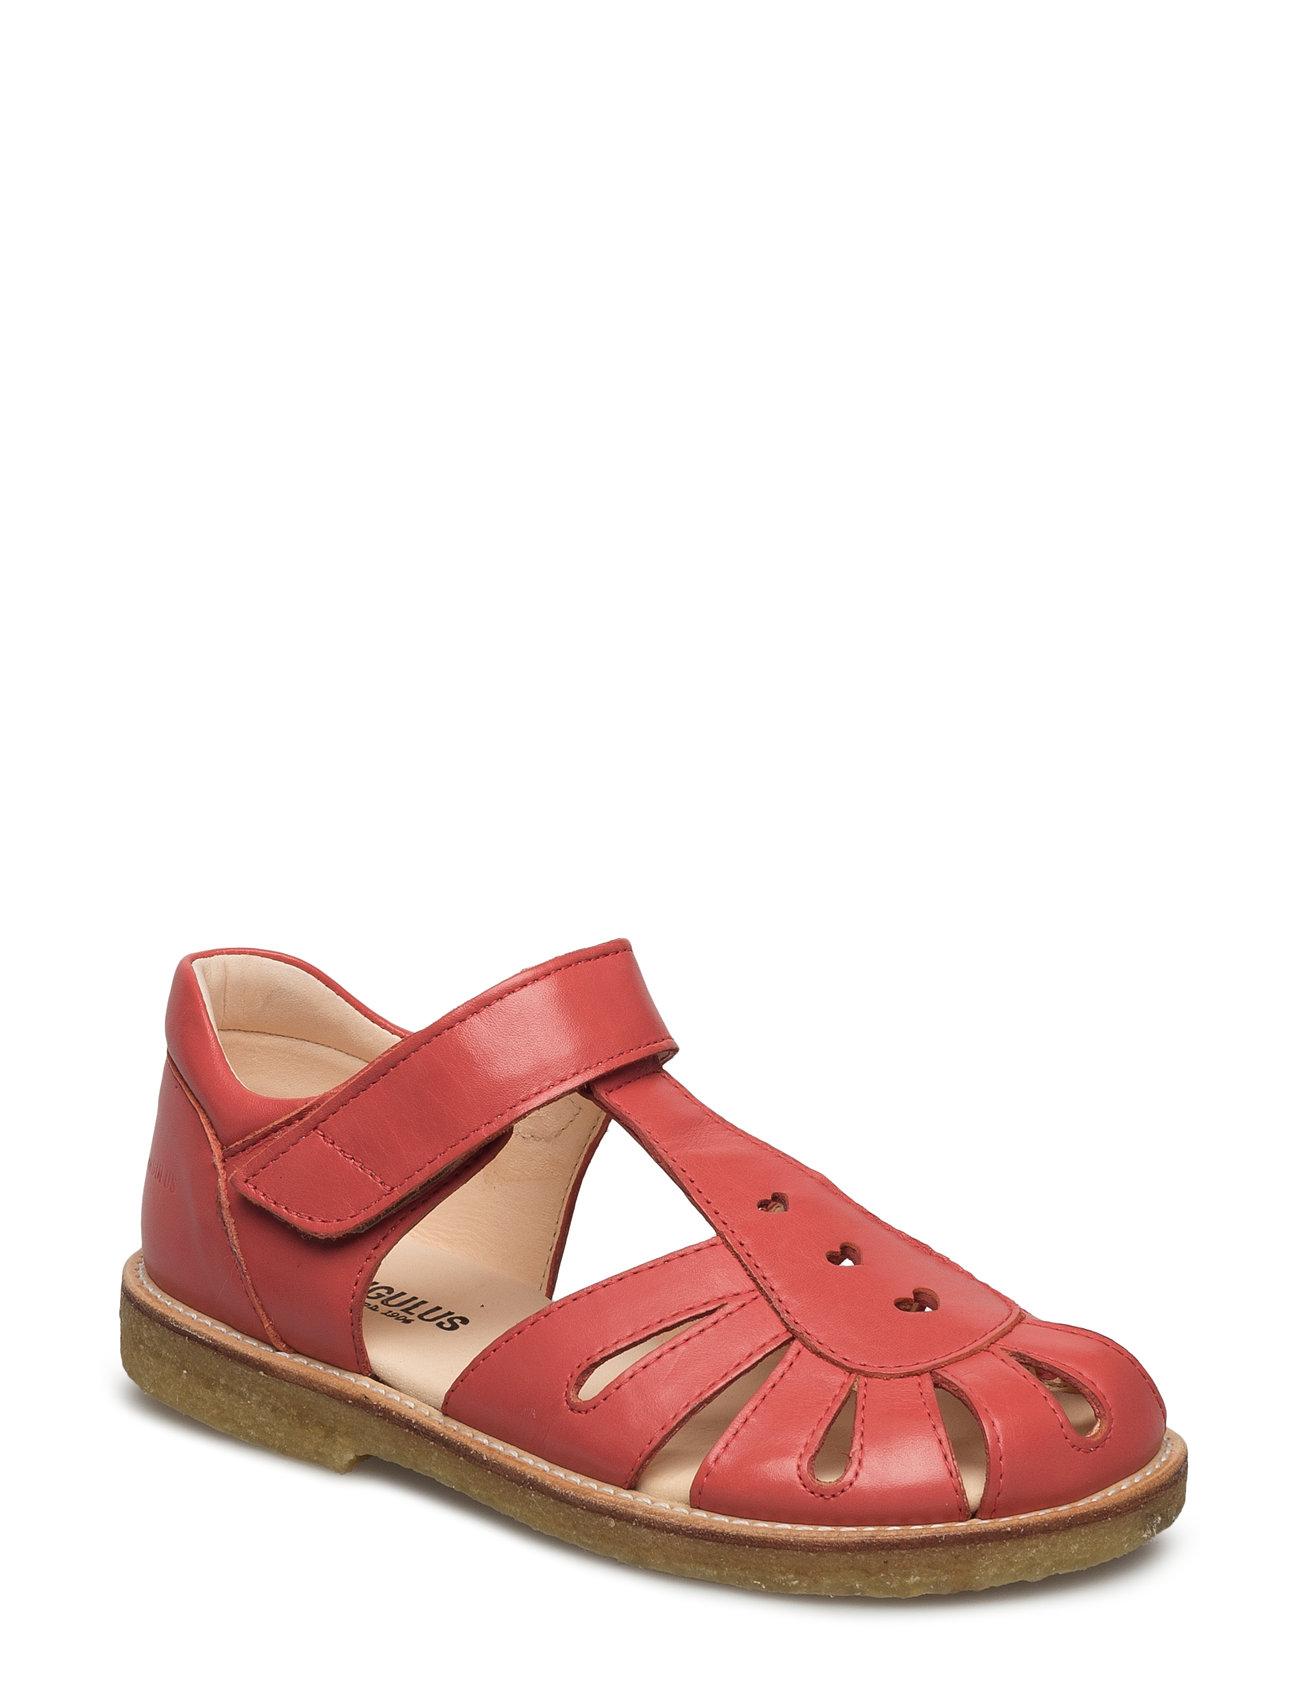 Sandal With Harts And Velcro Closure ANGULUS Sandaler til Børn i